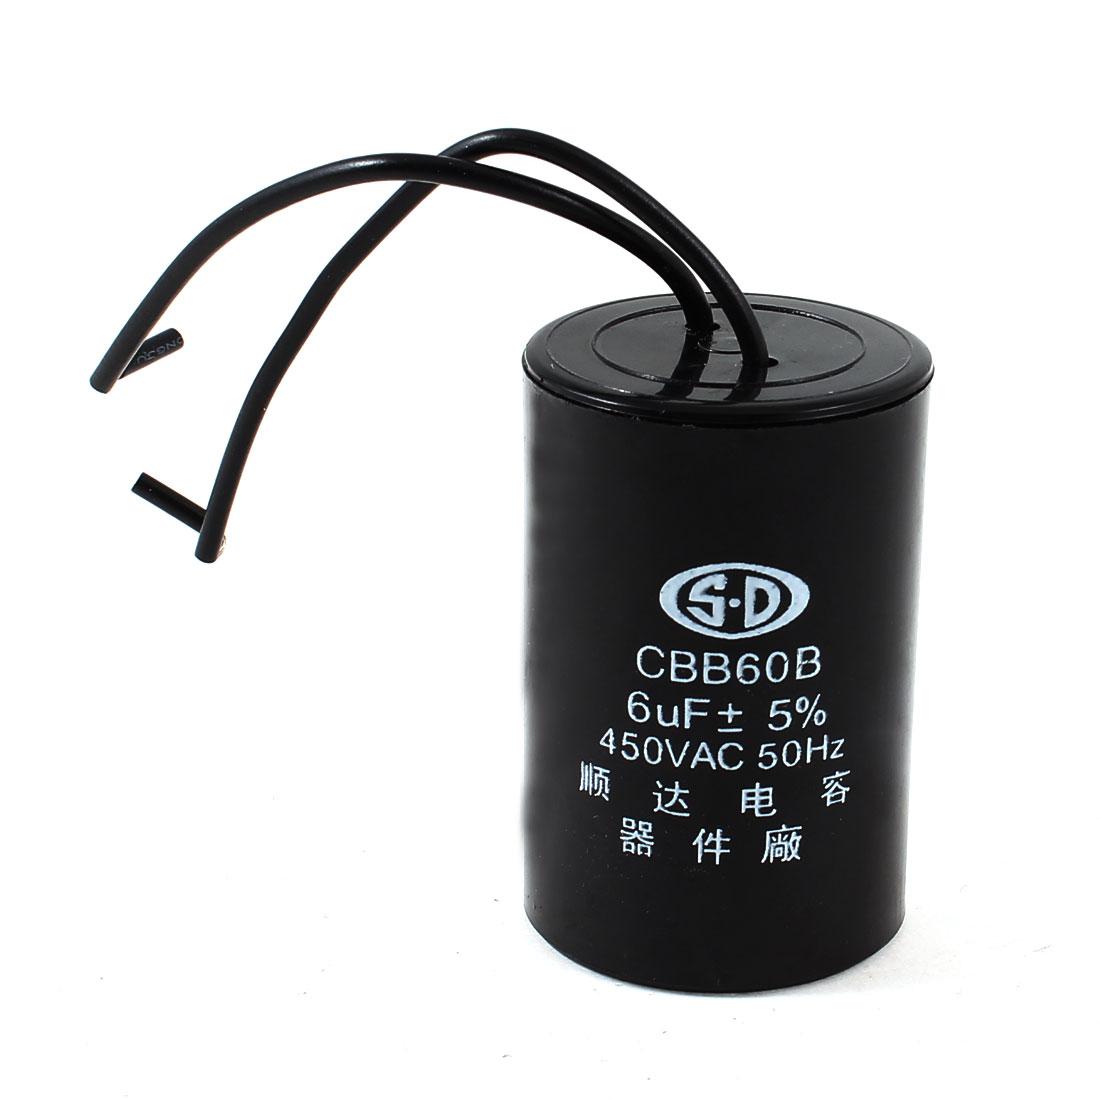 AC 450V 6uF 50Hz CBB60B Polypropylene Film Motor Run Capacitor